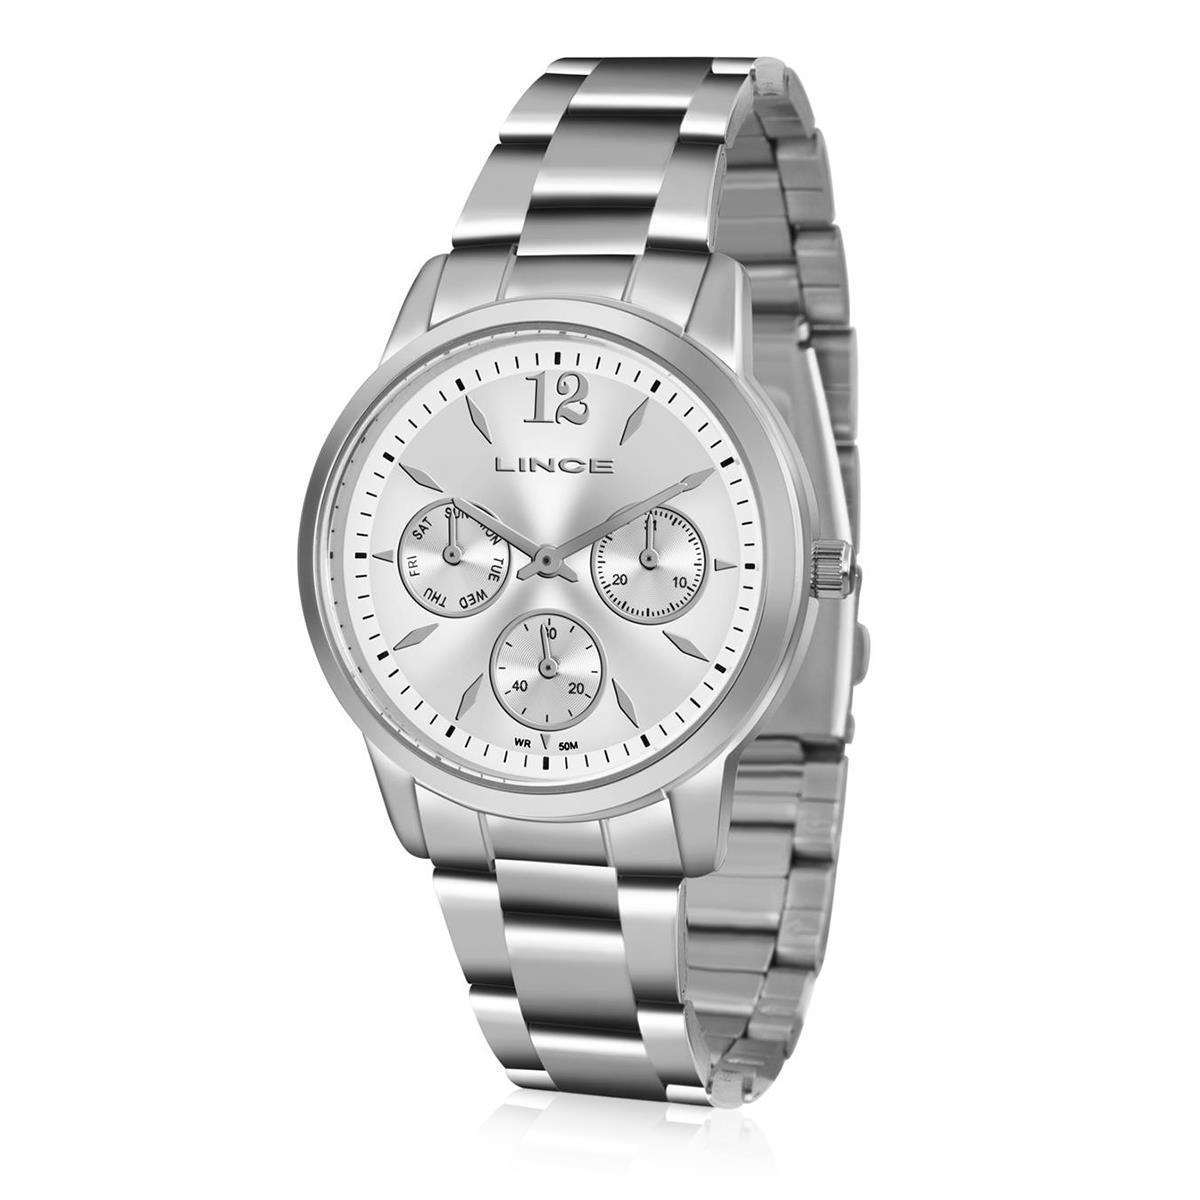 Relógio Feminino Lince Analógico LMMJ069L B2SX Aço R  188,00 à vista.  Adicionar à sacola 20fa2fde23